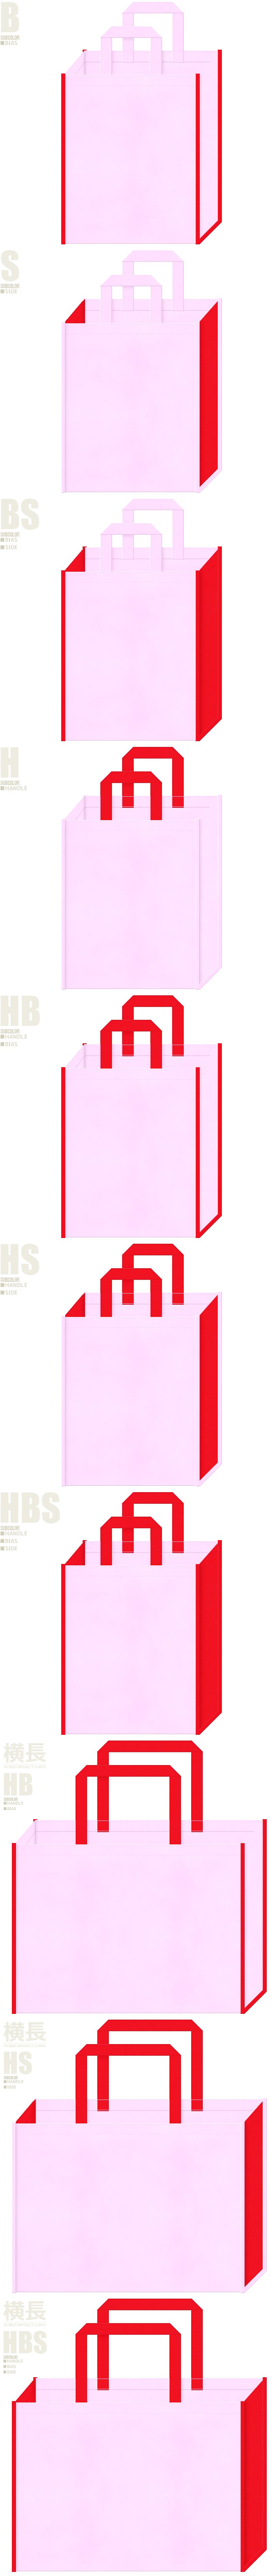 いちご大福・バレンタイン・ひな祭り・カーネーション・母の日・お正月・和風催事にお奨めの不織布バッグデザイン:パステルピンク色と赤色の配色7パターン。